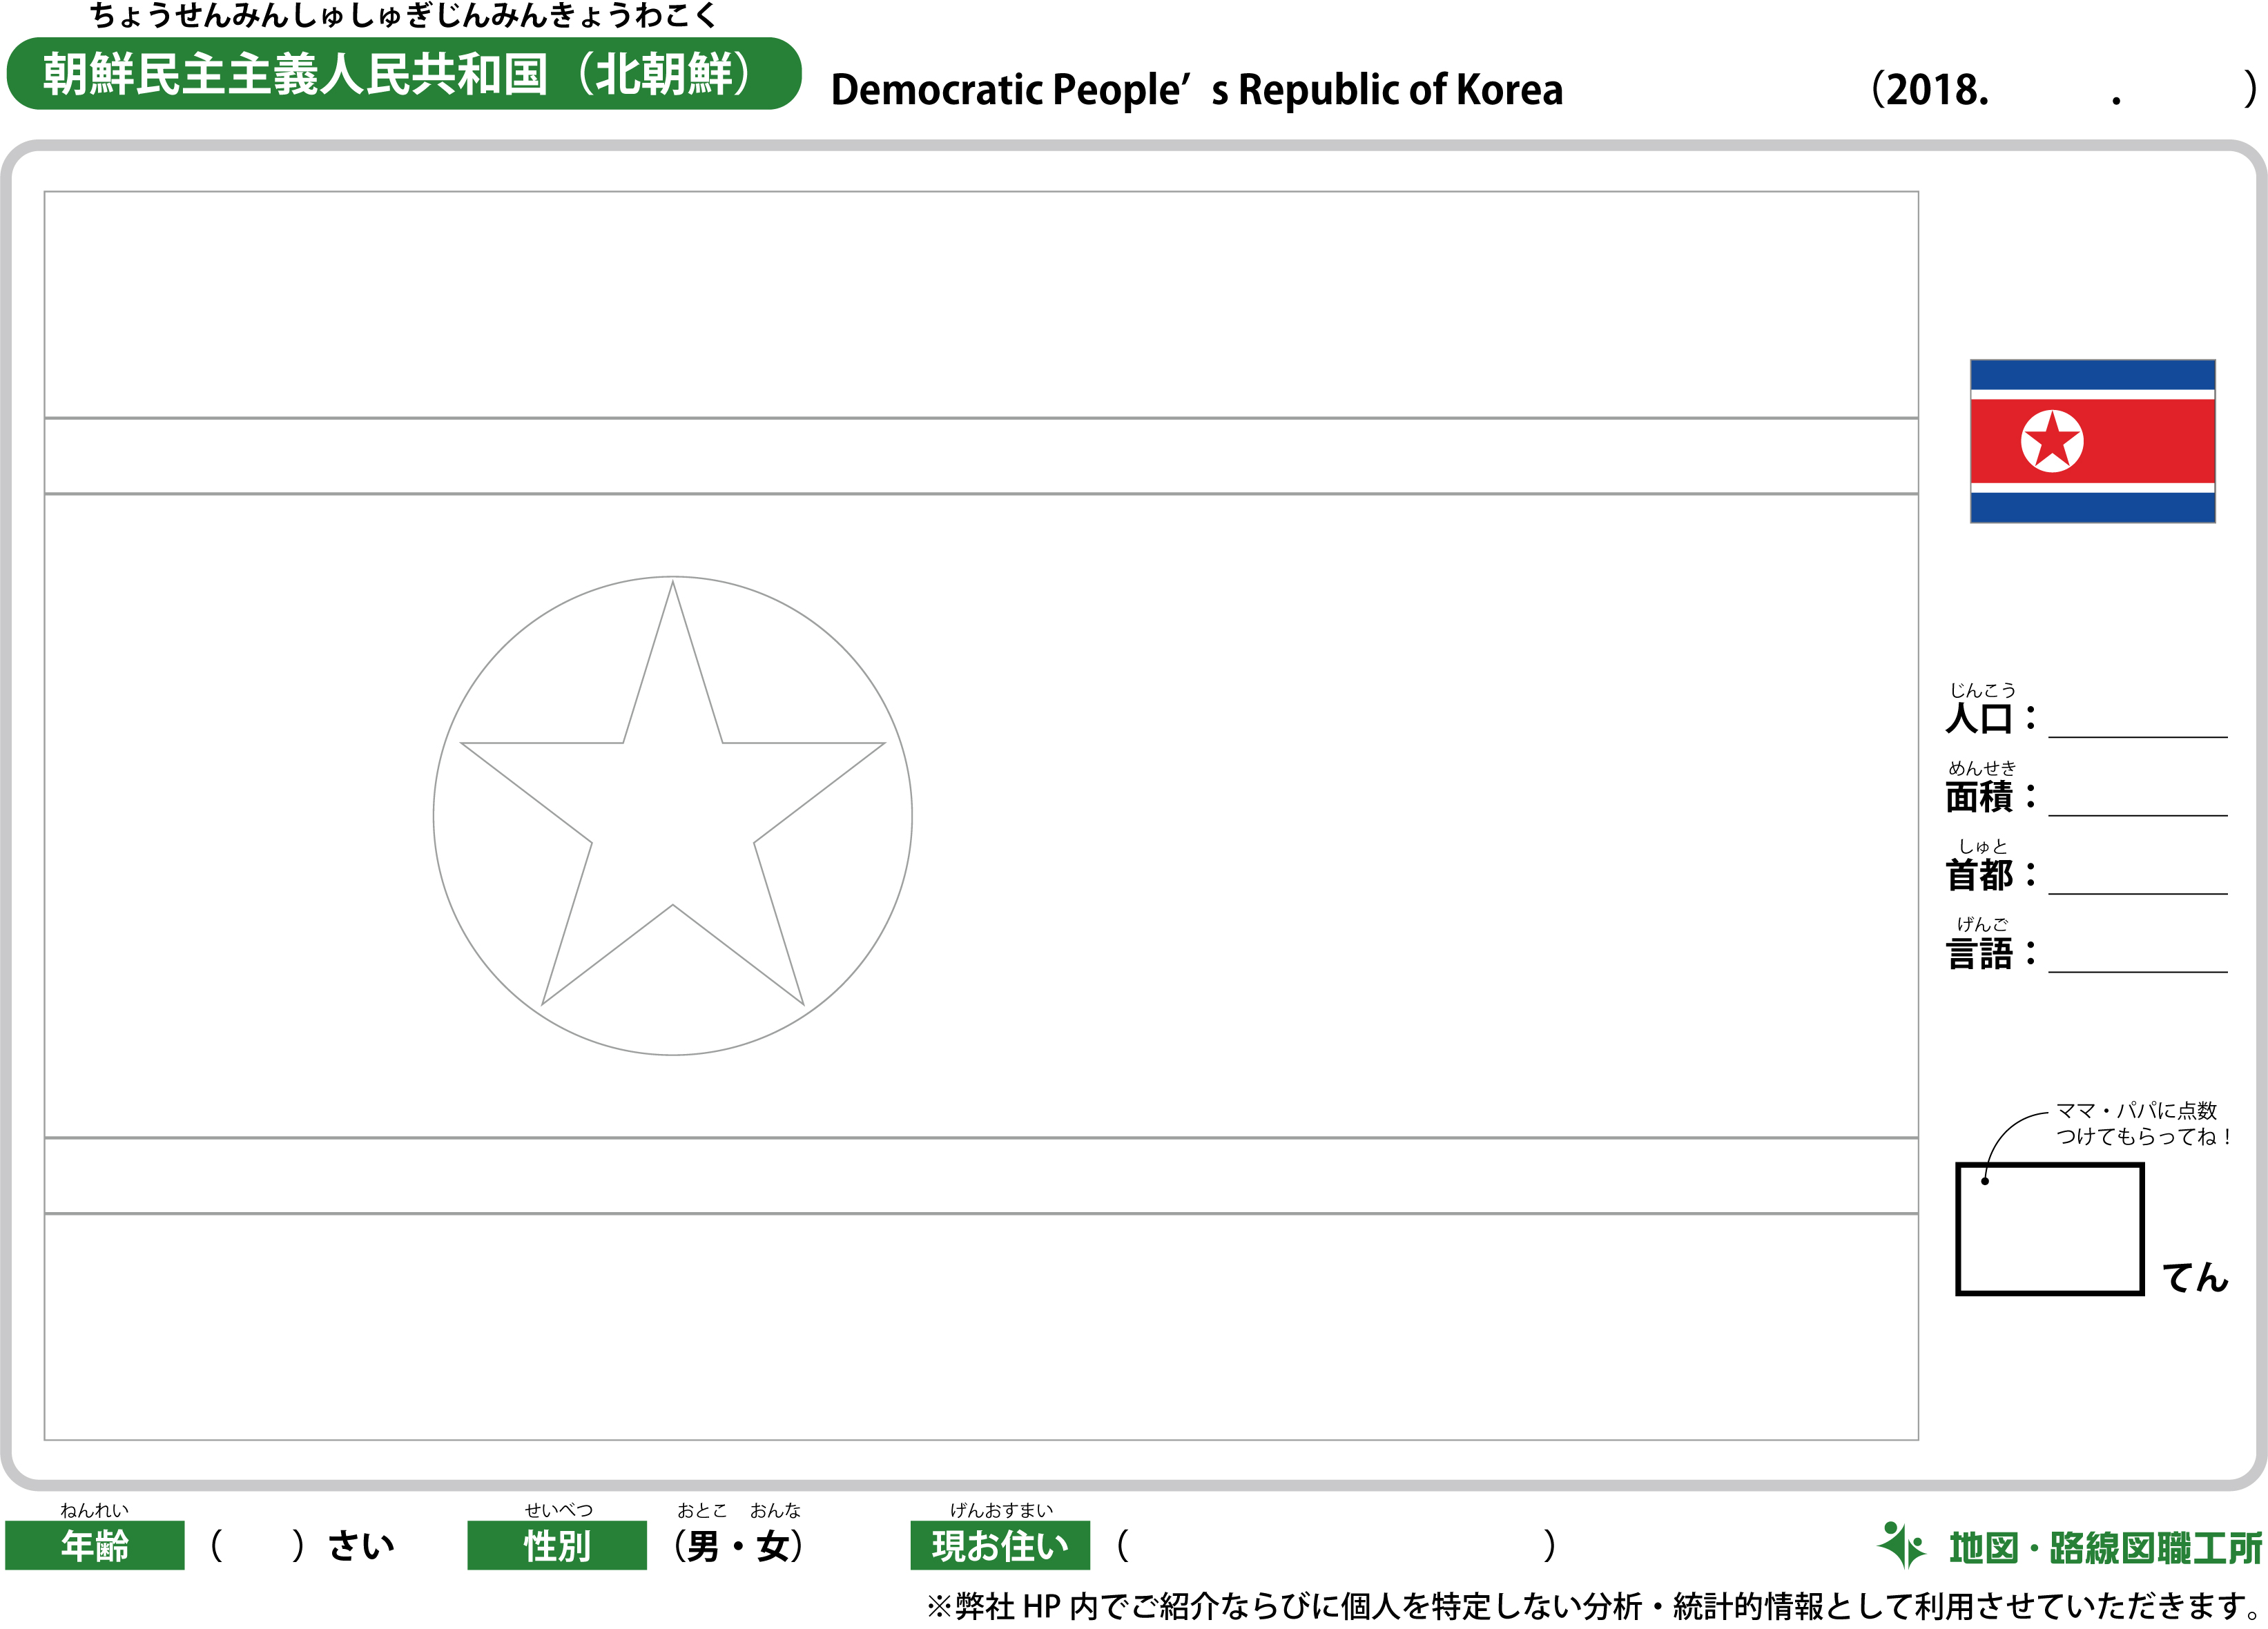 朝鮮民主主義人民共和国(北朝鮮)